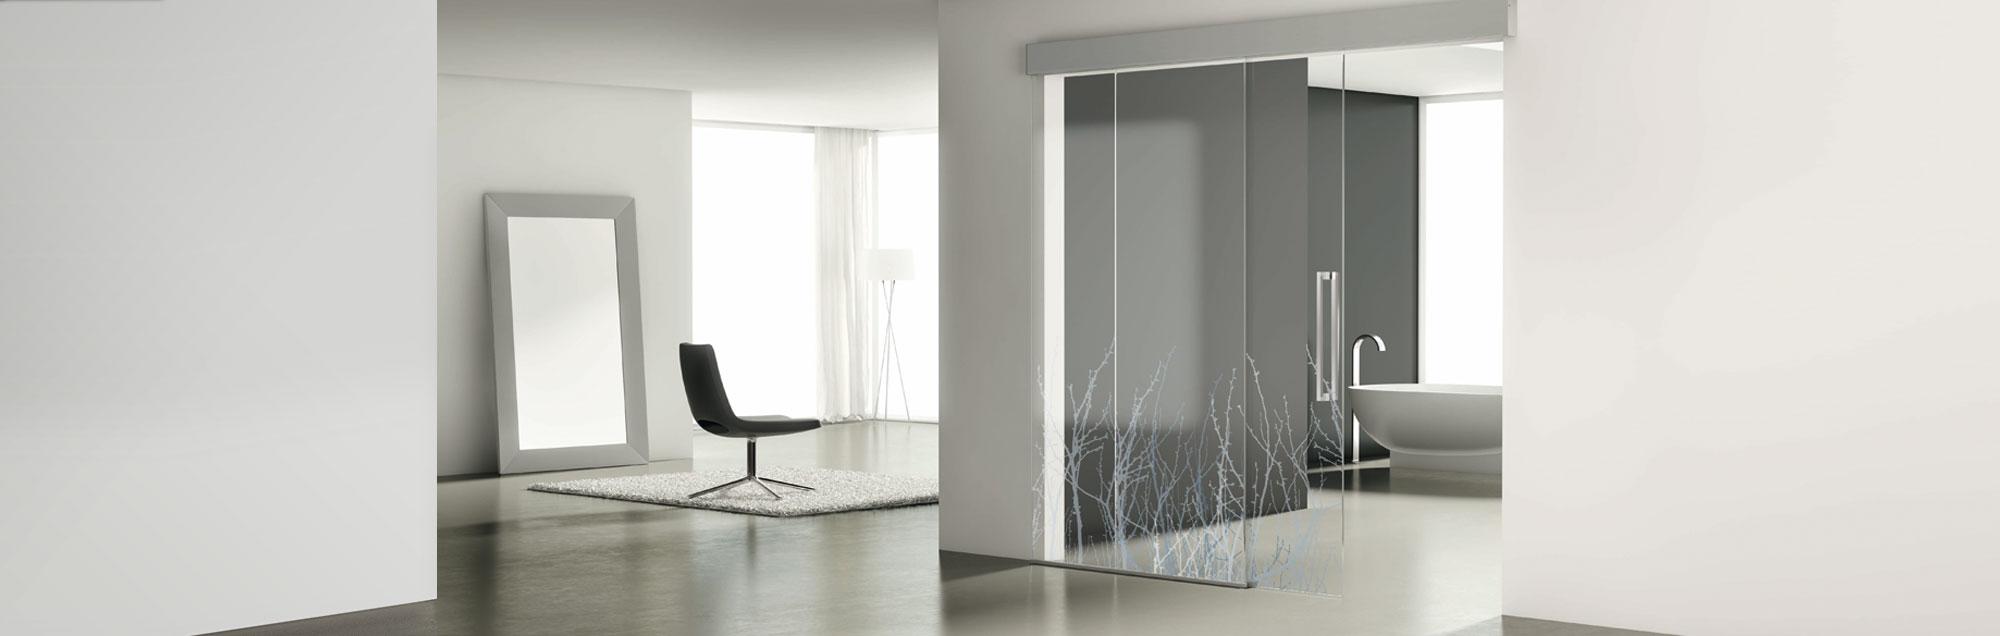 Luxor puertas de interior de vidrio correderas de profiltek for Vidrios decorados para puertas interiores